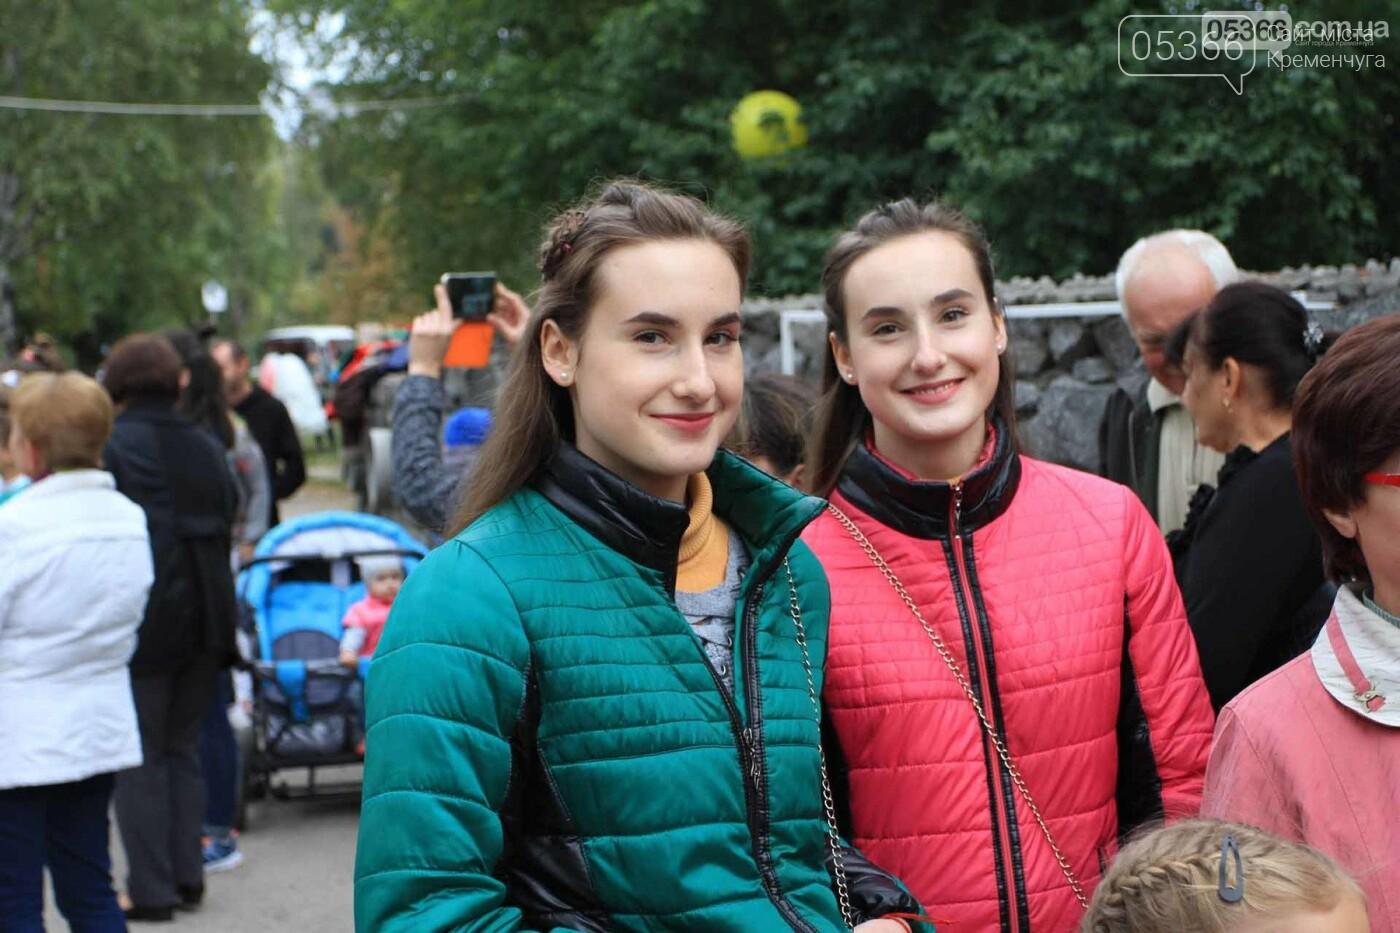 Як відбувався перший парад близнюків в Кременчуці (ФОТО), фото-7